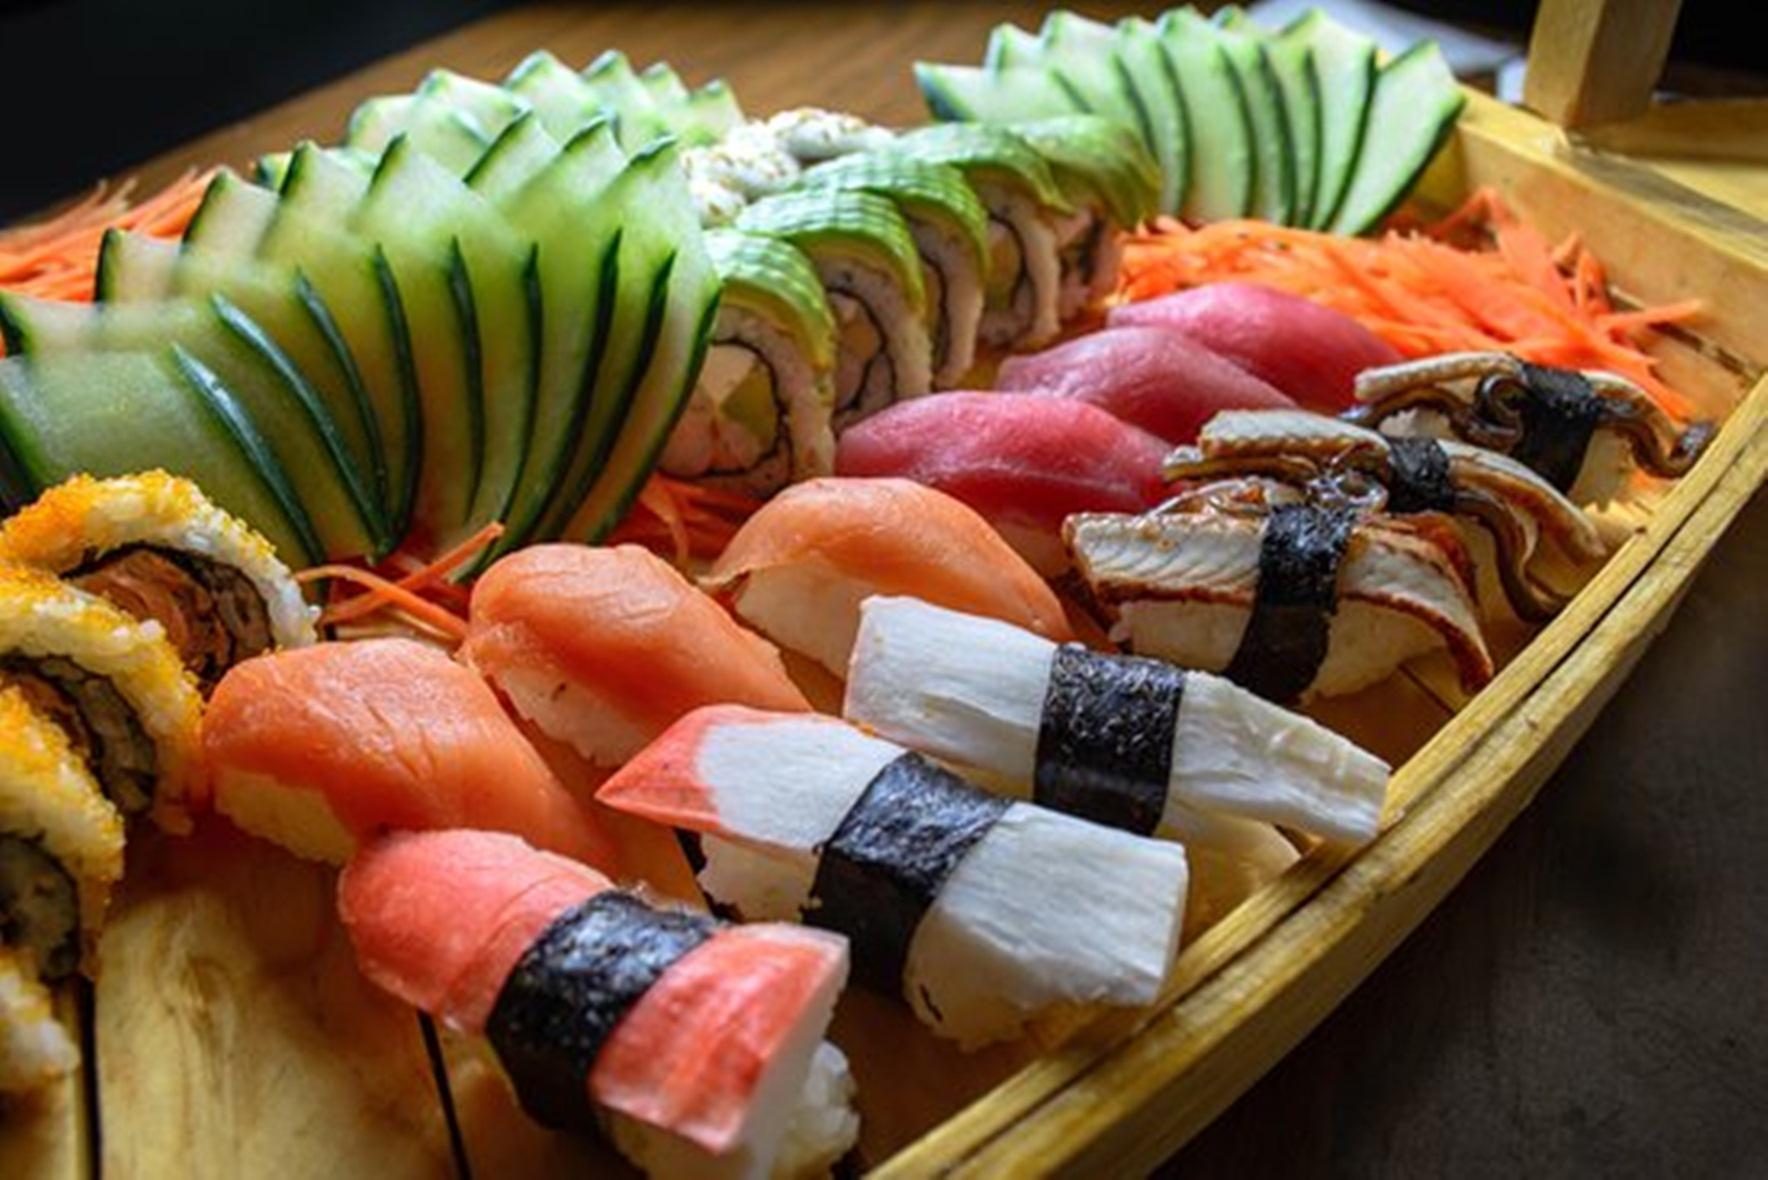 Kenali 5 Jenis Sushi Ini Agar Saat Memesannya Tidak Salah Sebut 4